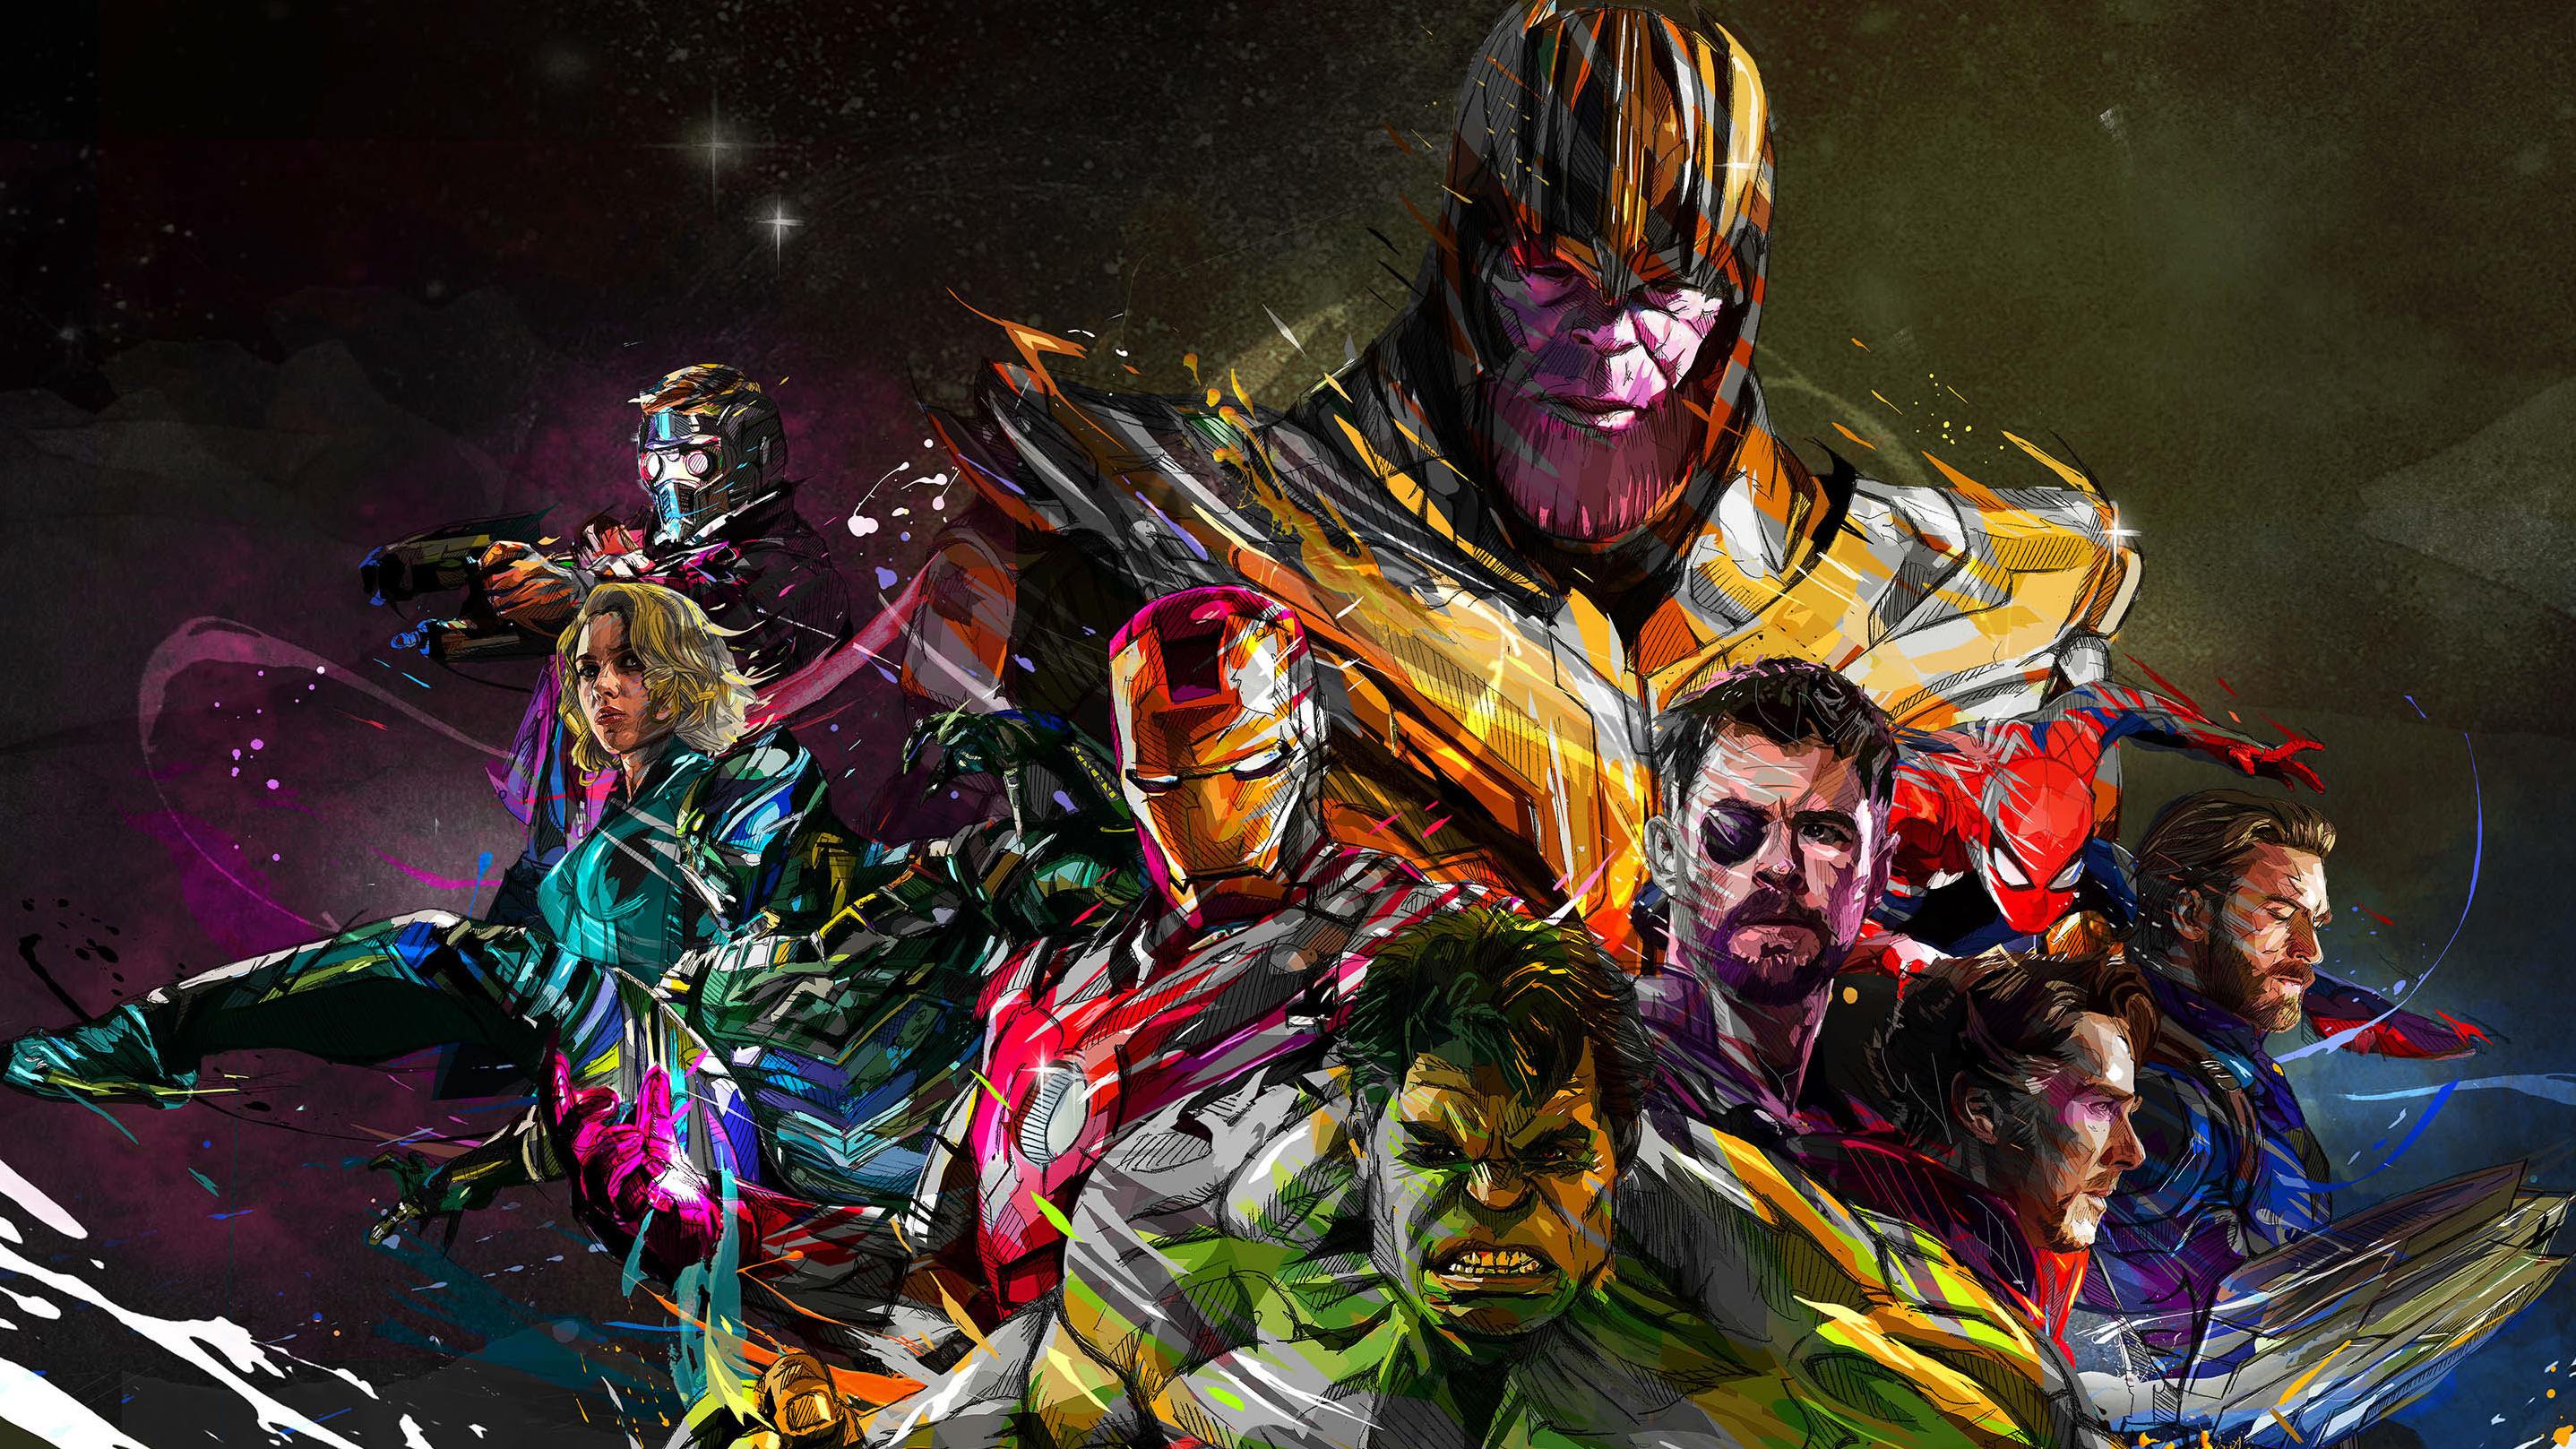 3840x2160 Marvel Avengers 4k HD 4k Wallpapers, Images ...